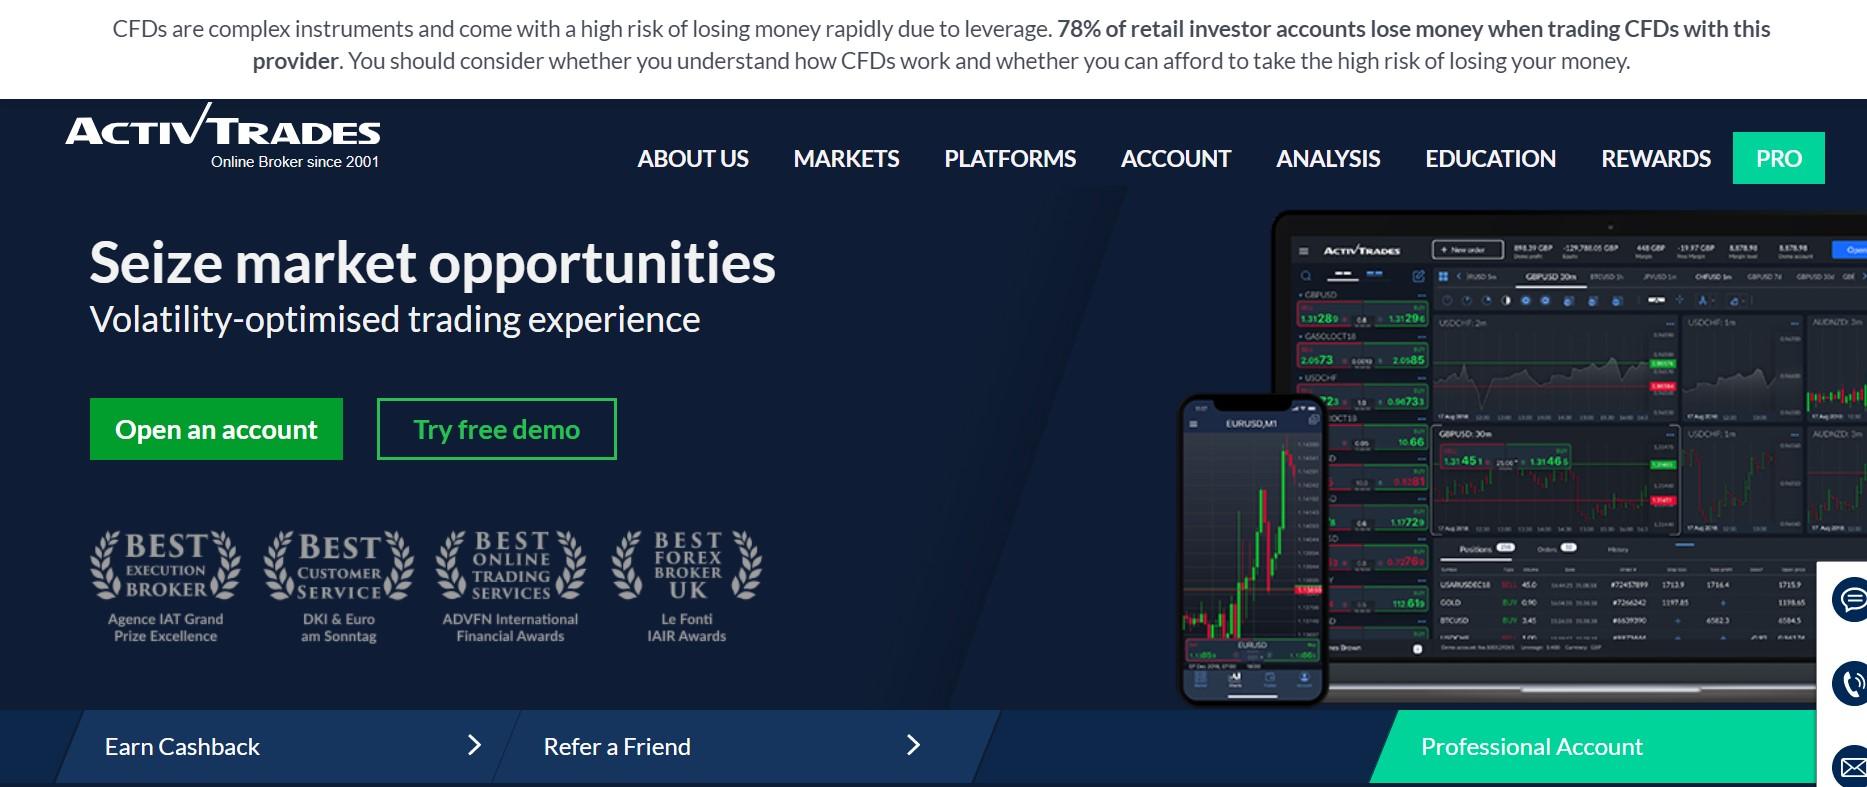 ActivTrades website